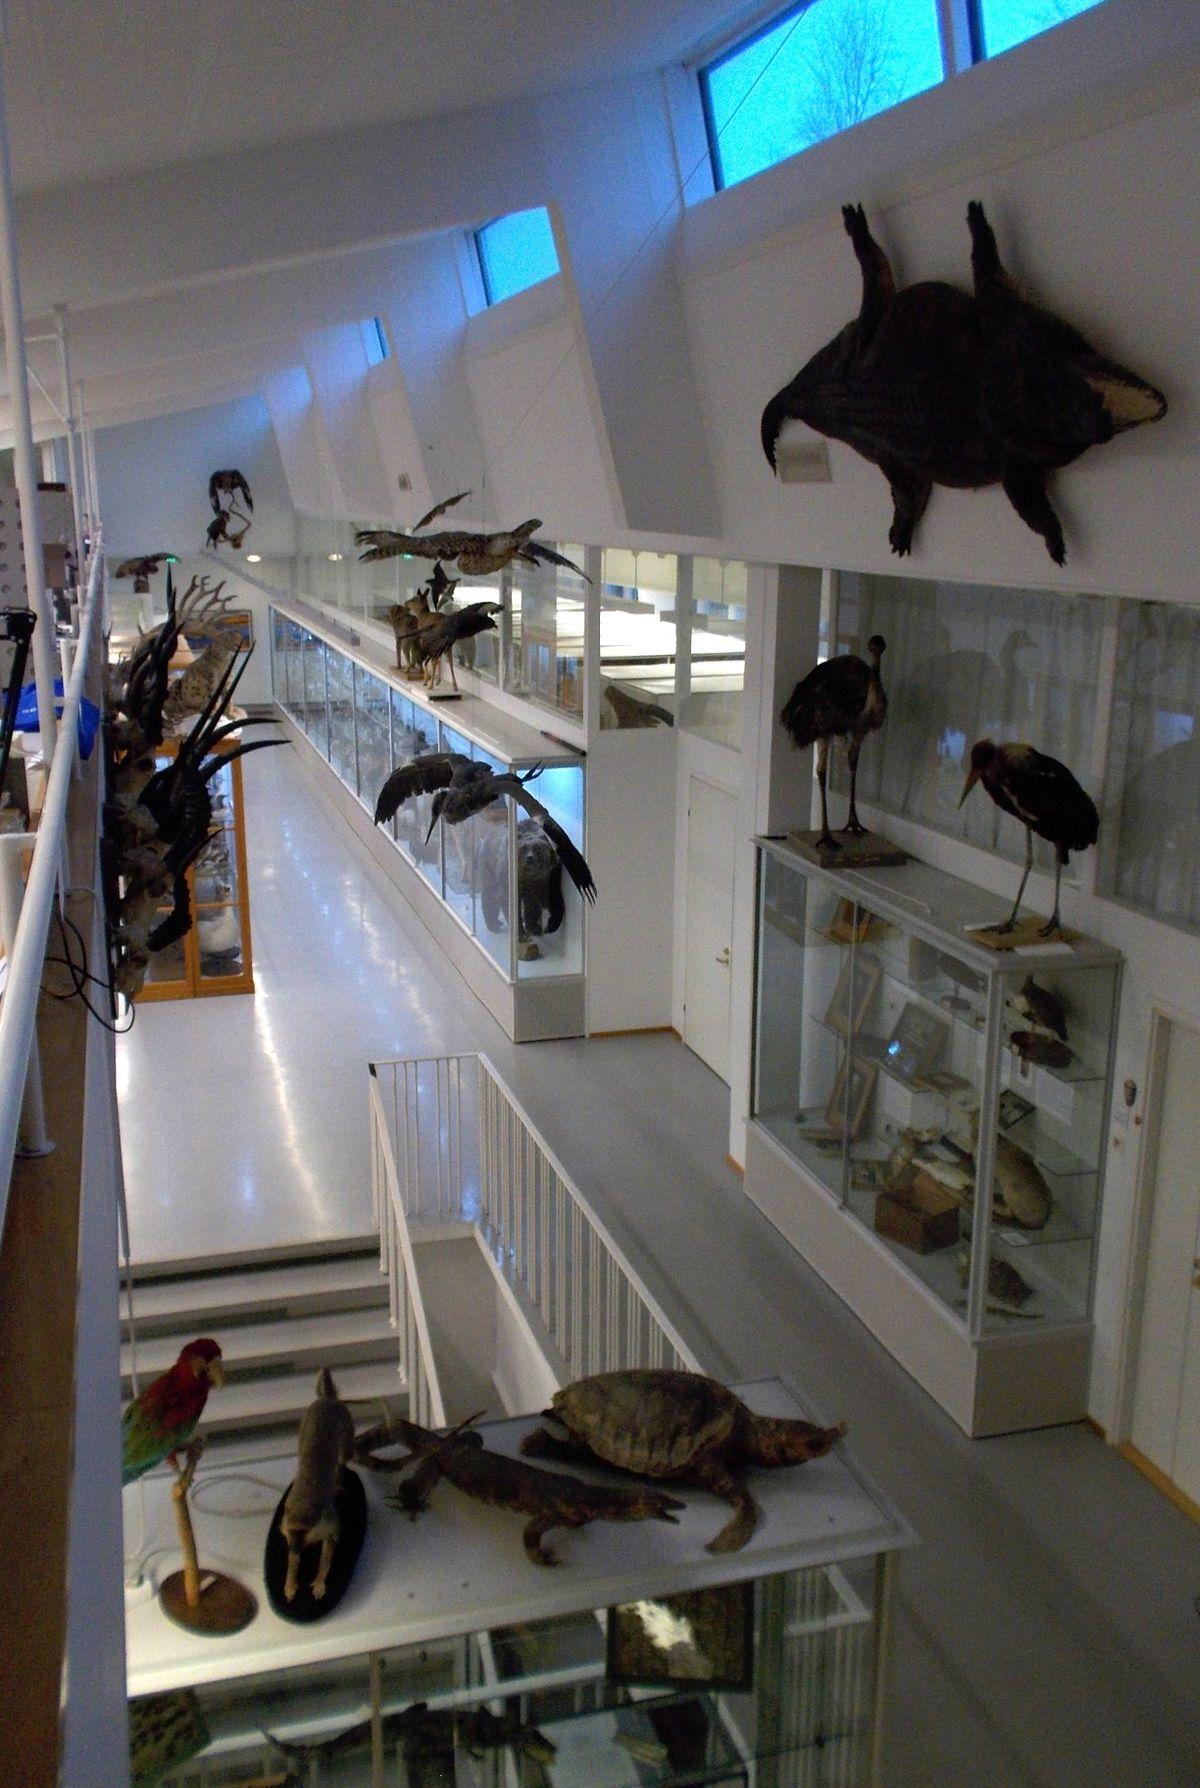 Luonnontieteellinen Museo Turku